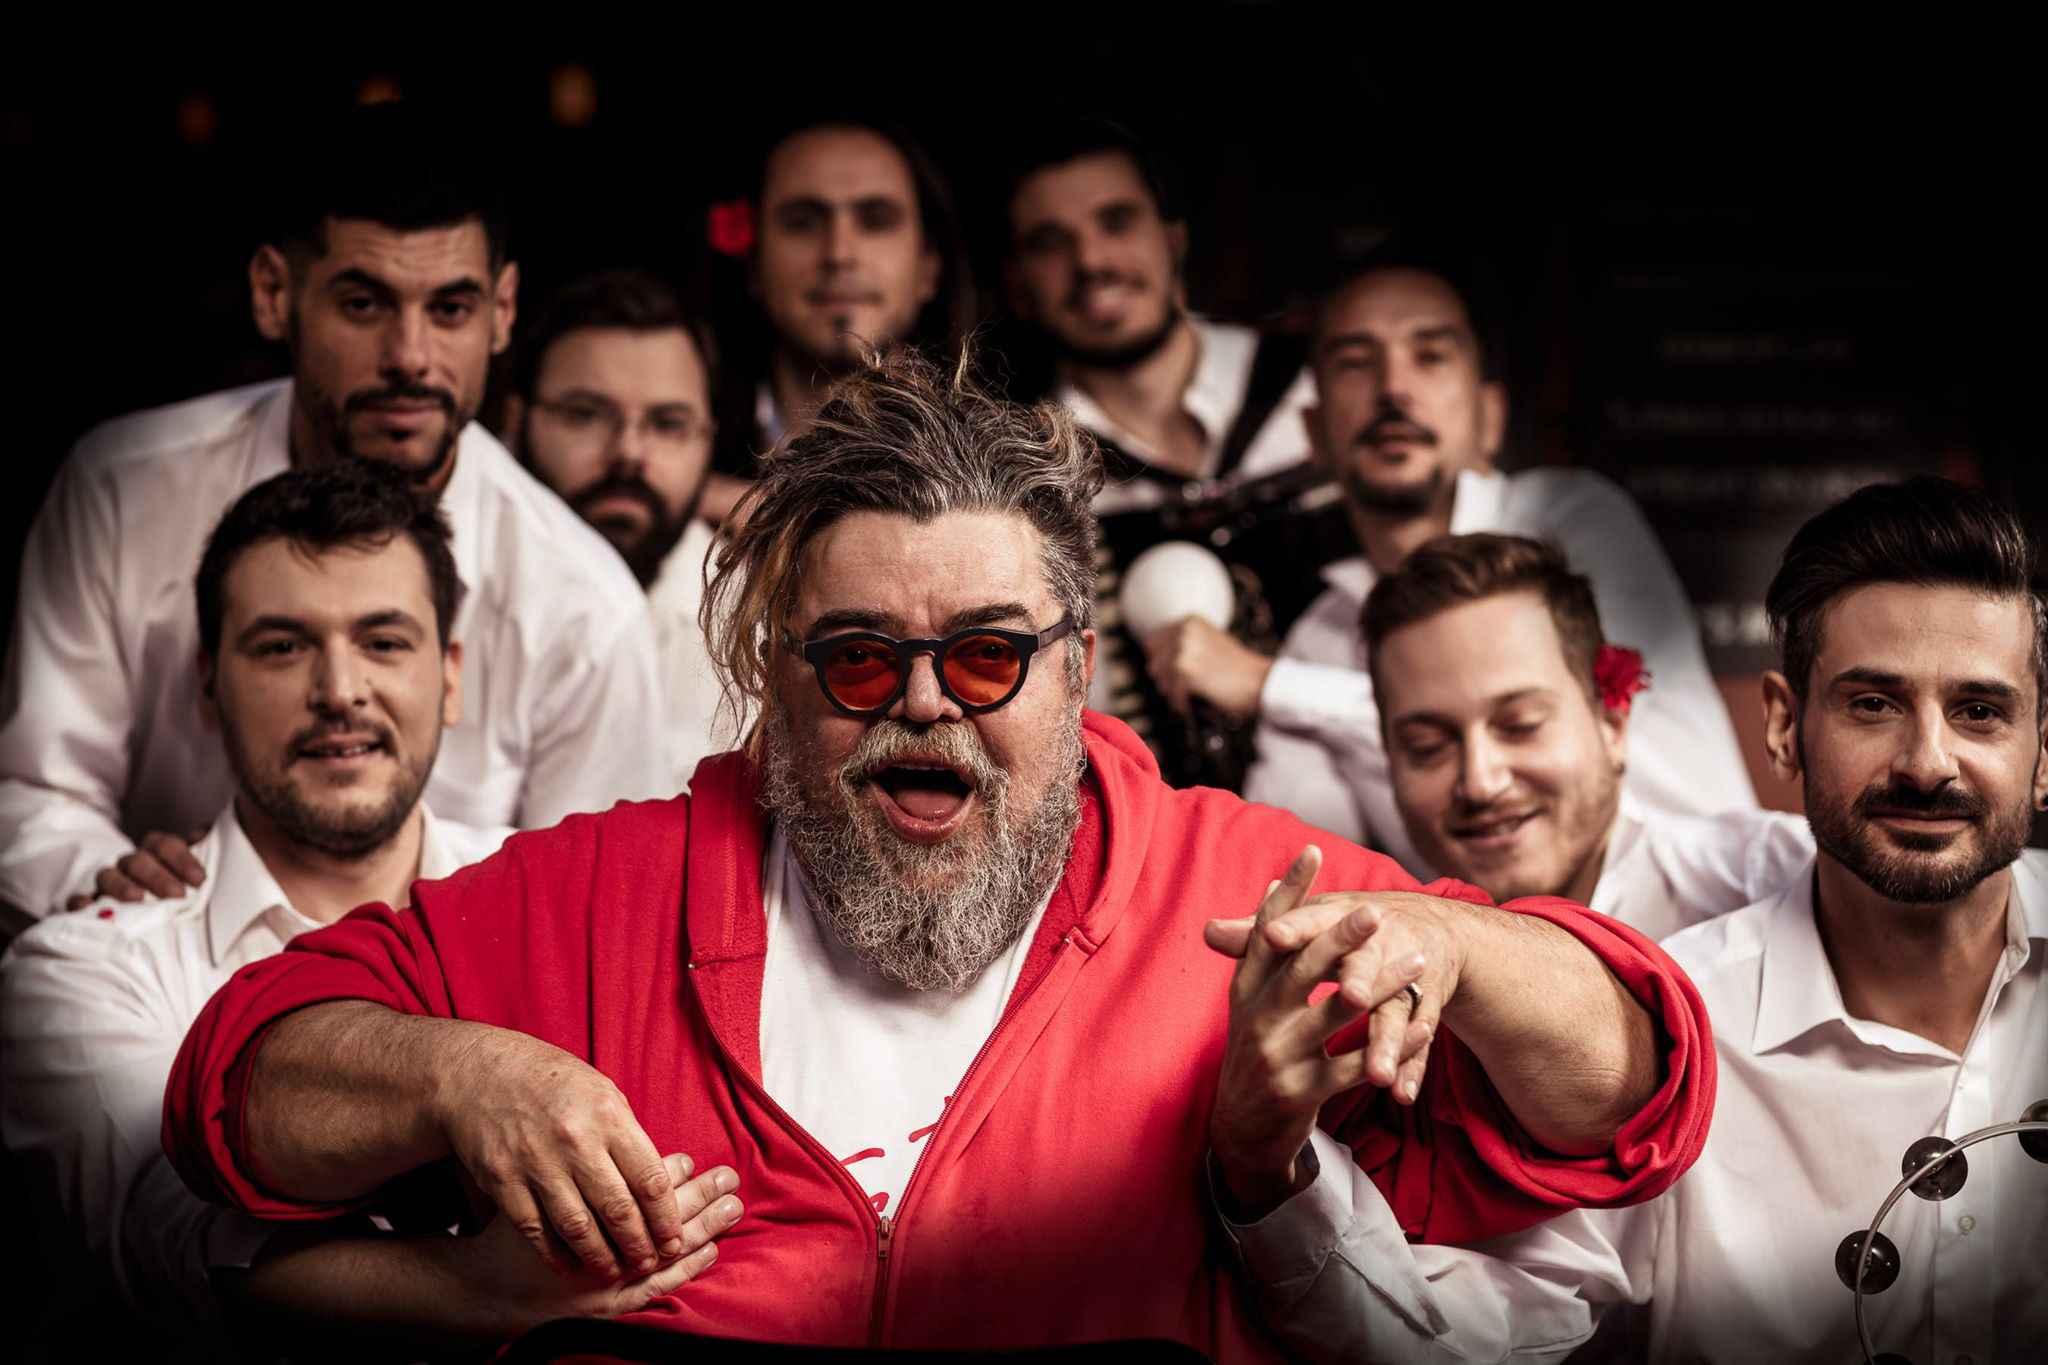 , Σταμάτης Κραουνάκης + Σπείρα Σπείρα | Τα παιδιά της Σφίγγας στα Σπάτα | Παρασκευή  15 Ιουνίου